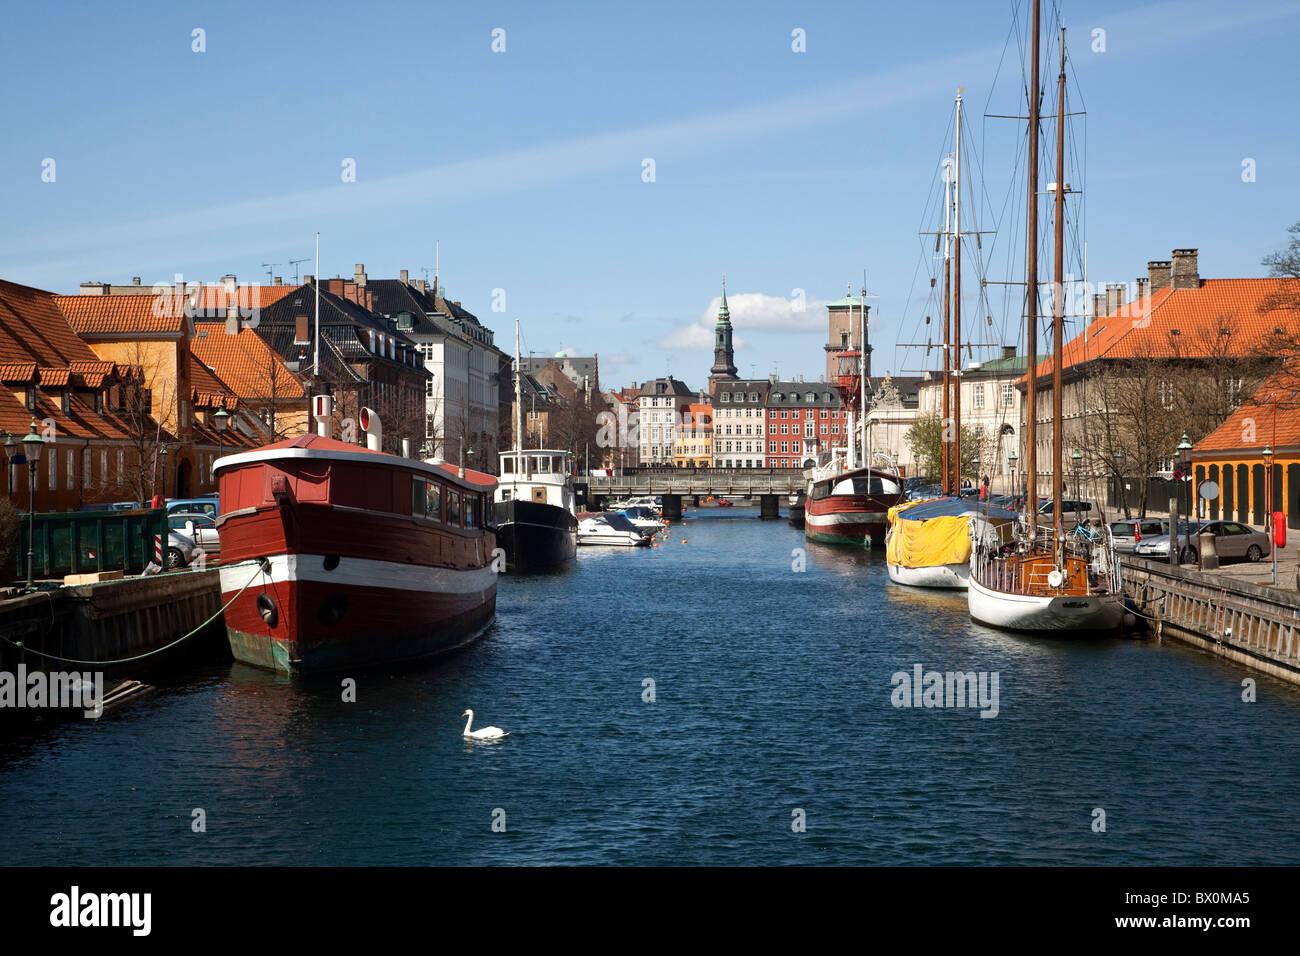 Frederiksholms Kanal. Copenhagen, Denmark. - Stock Image